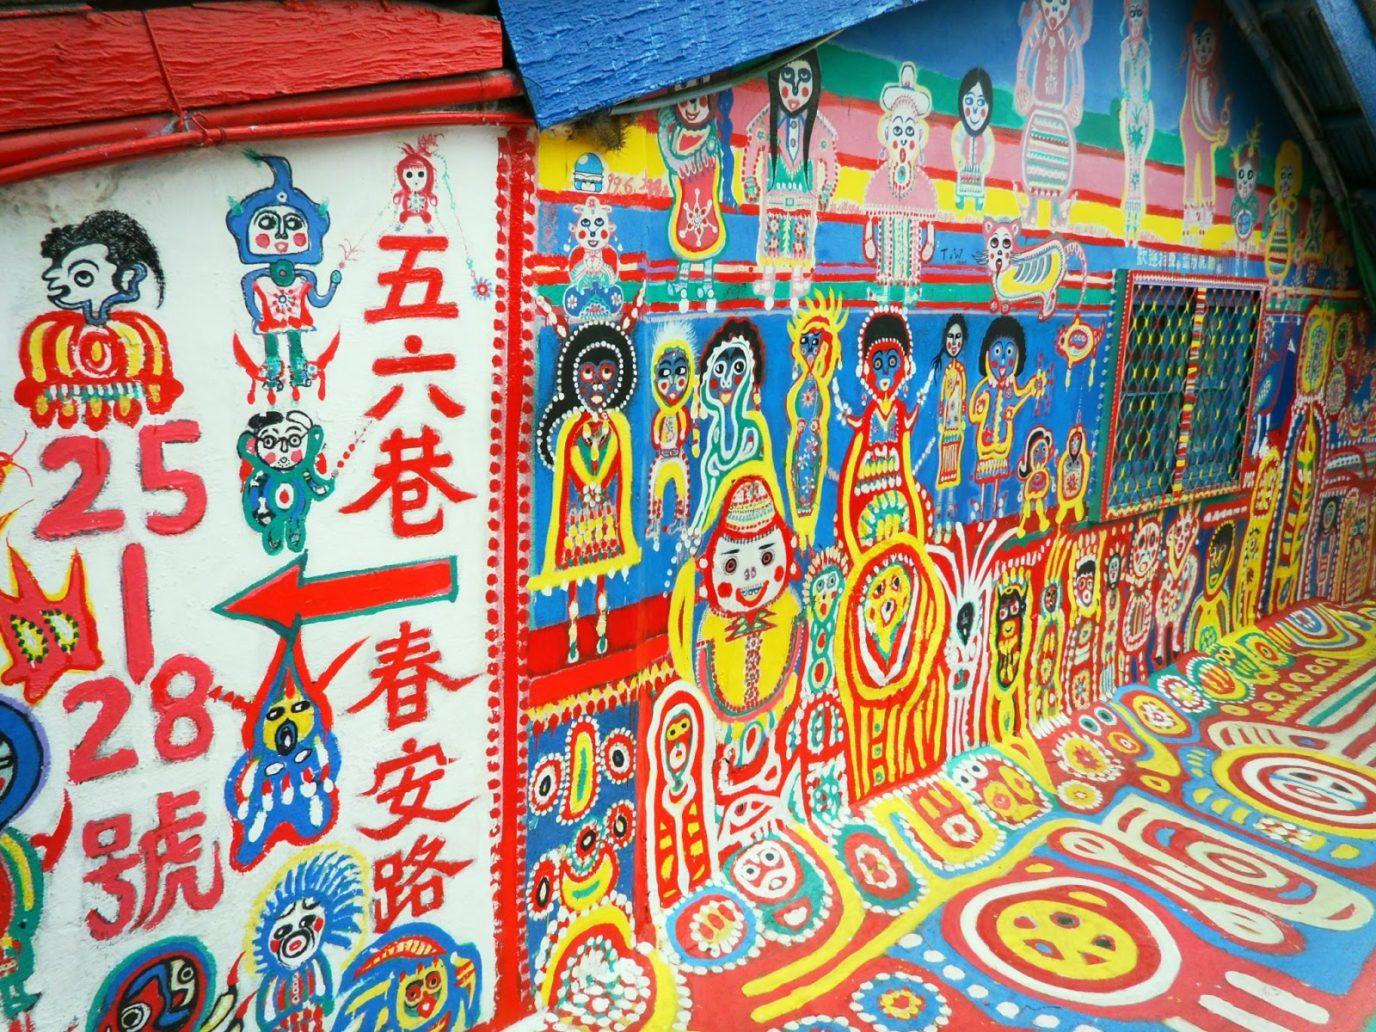 huang-yung-fu-9-1376x1032